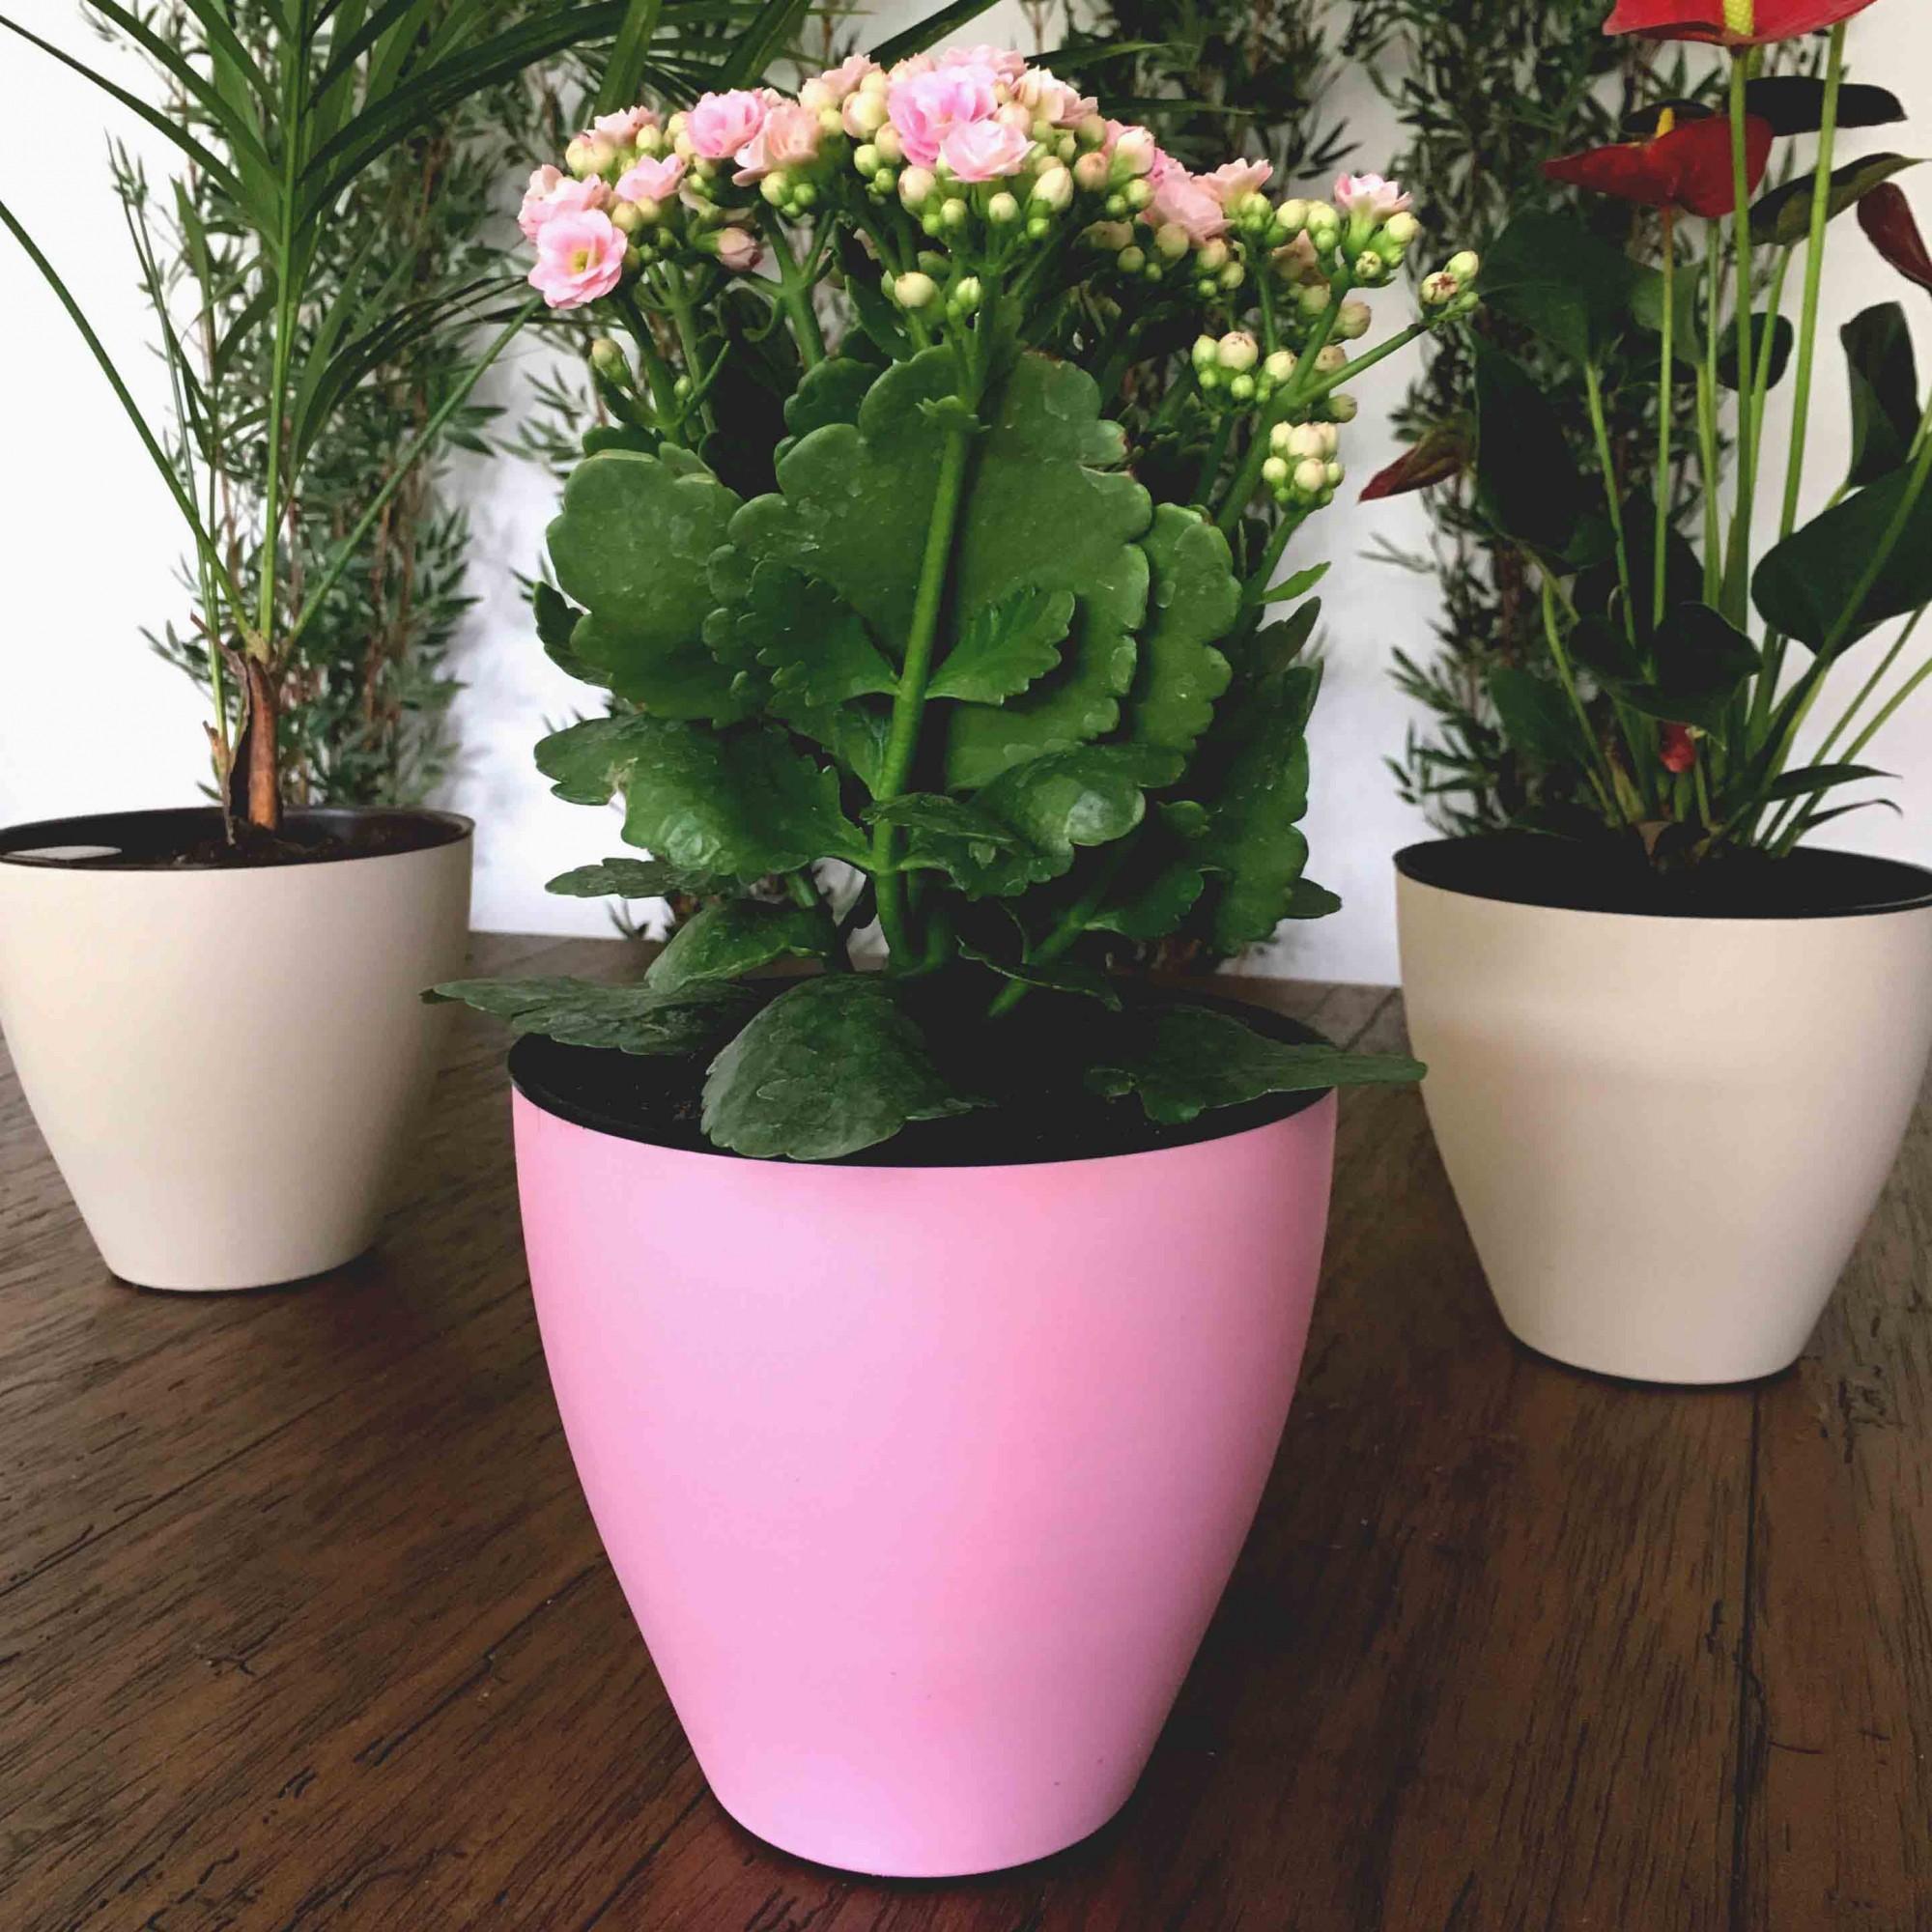 Vaso Auto Irrigável Plantiê - Rosa Quartz Fosco